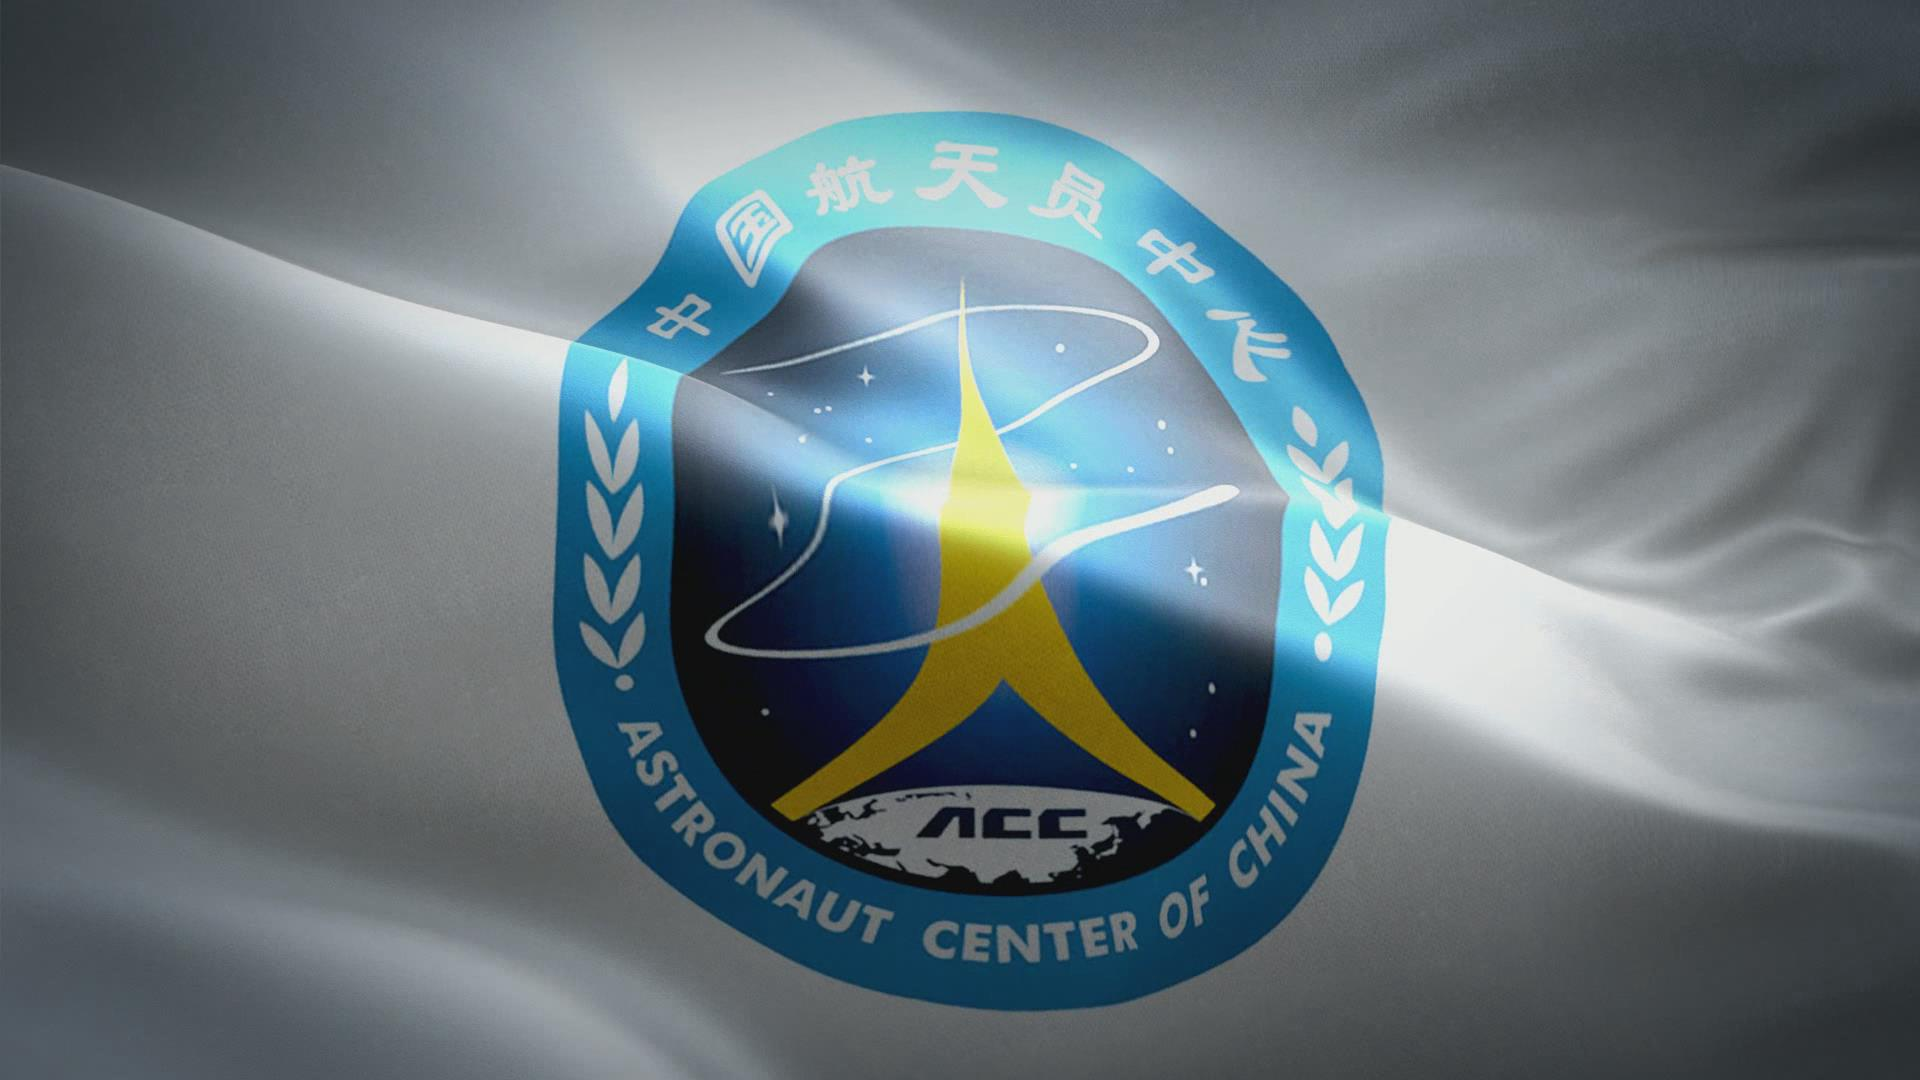 中国航天员中心徽标旗帜动画